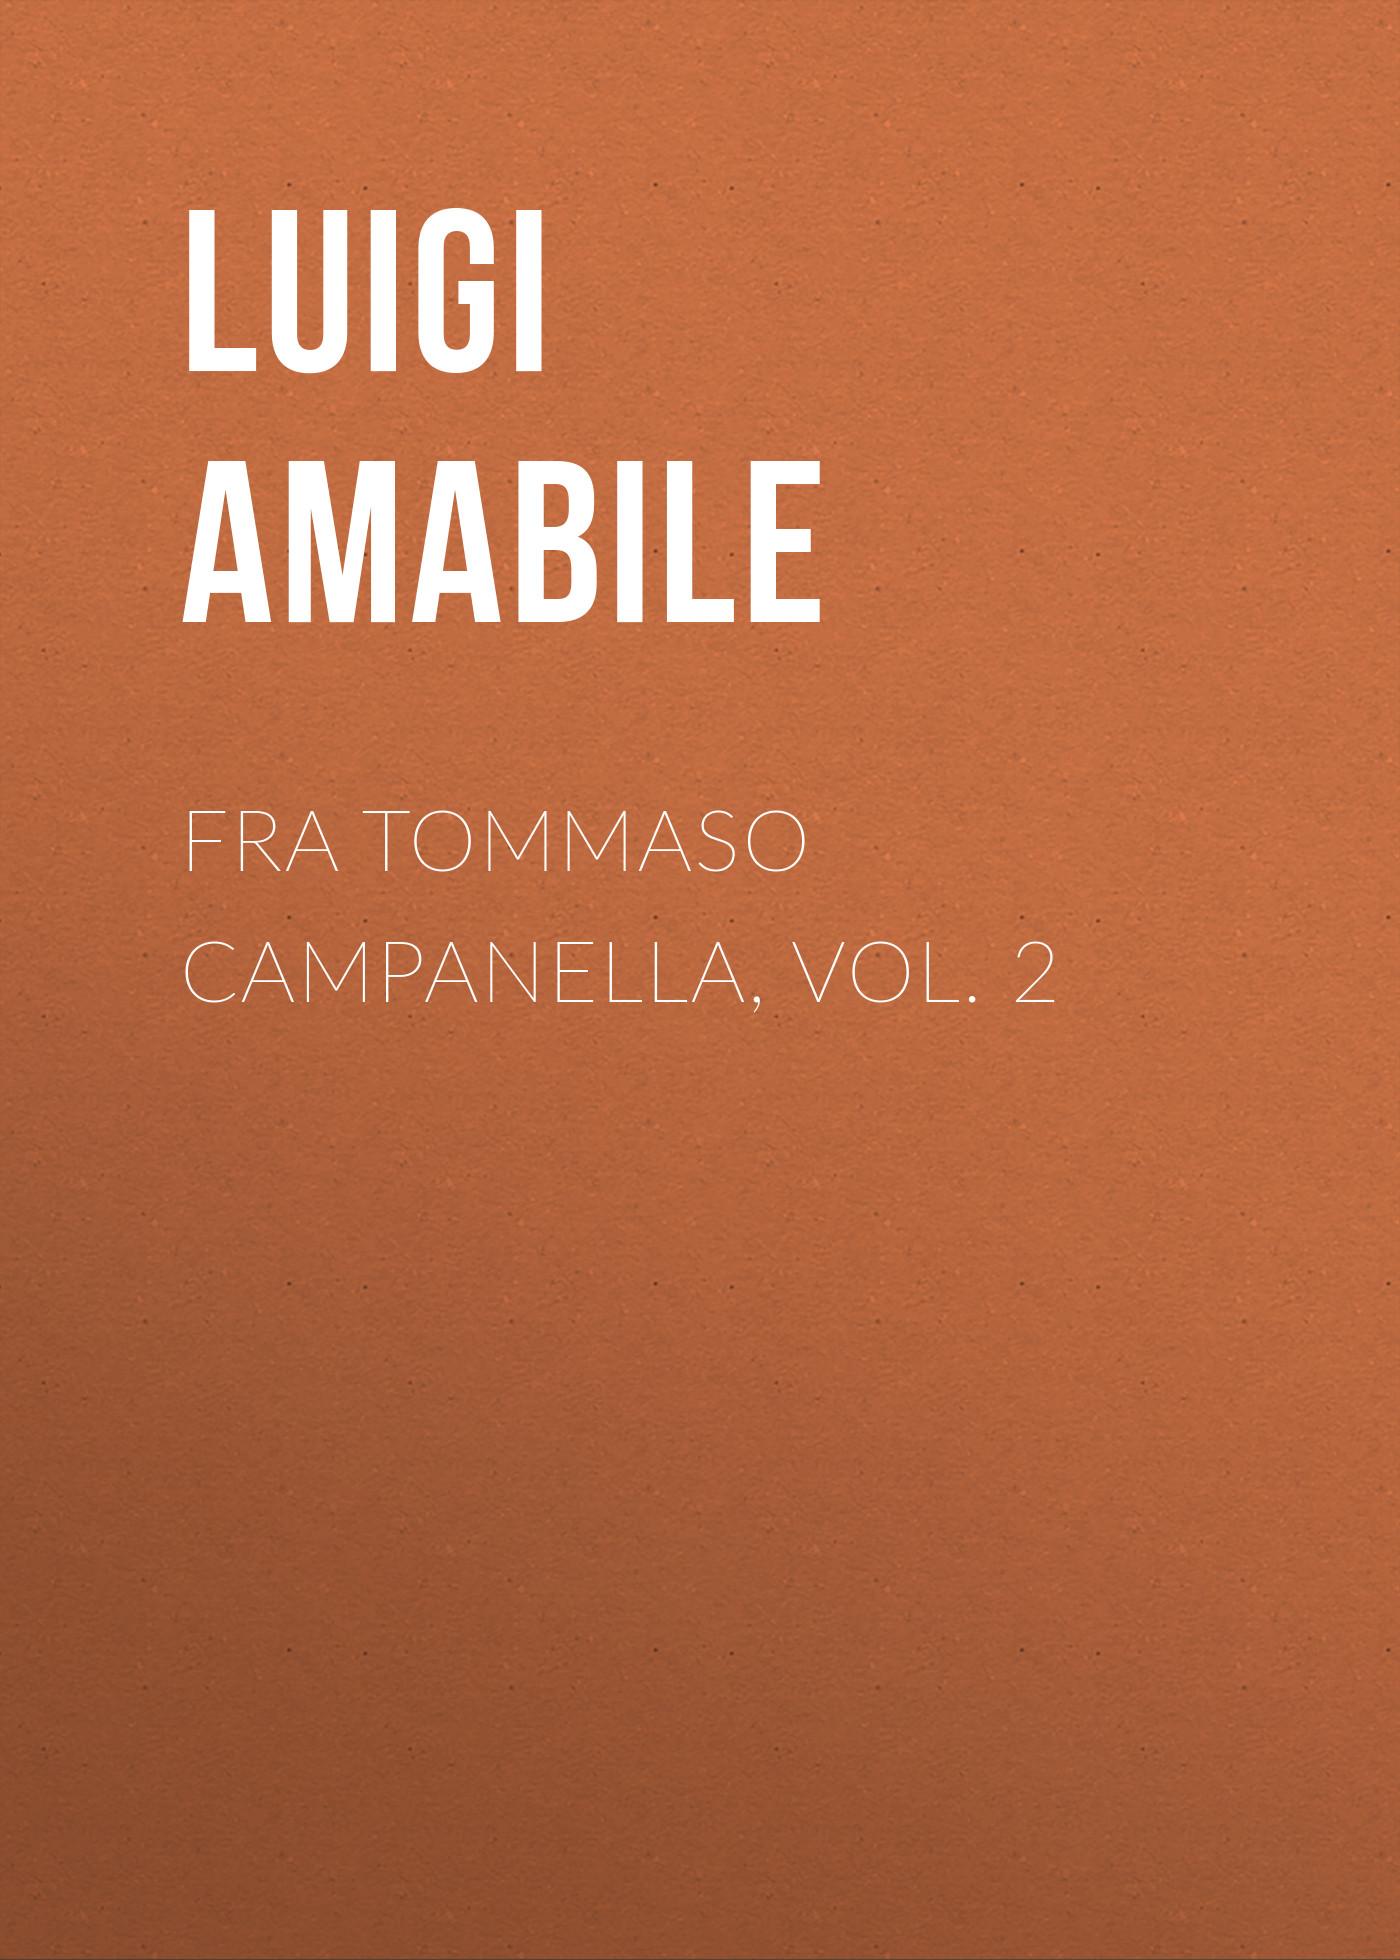 Fra Tommaso Campanella, Vol. 2